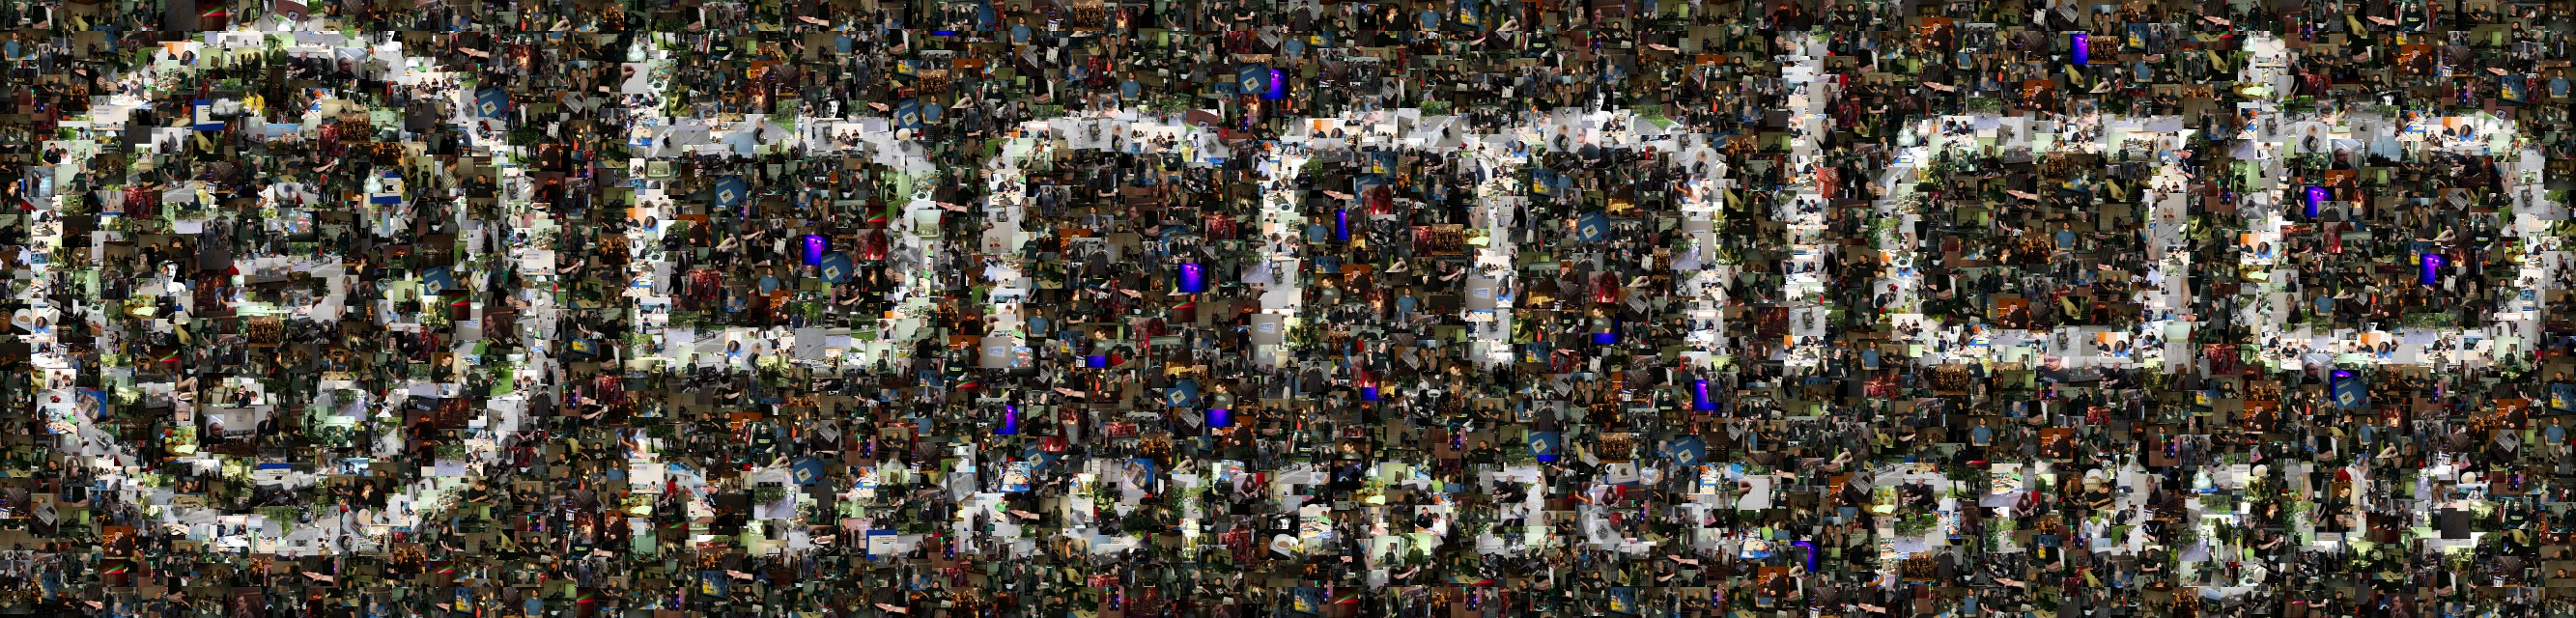 brmlab-collage.jpg